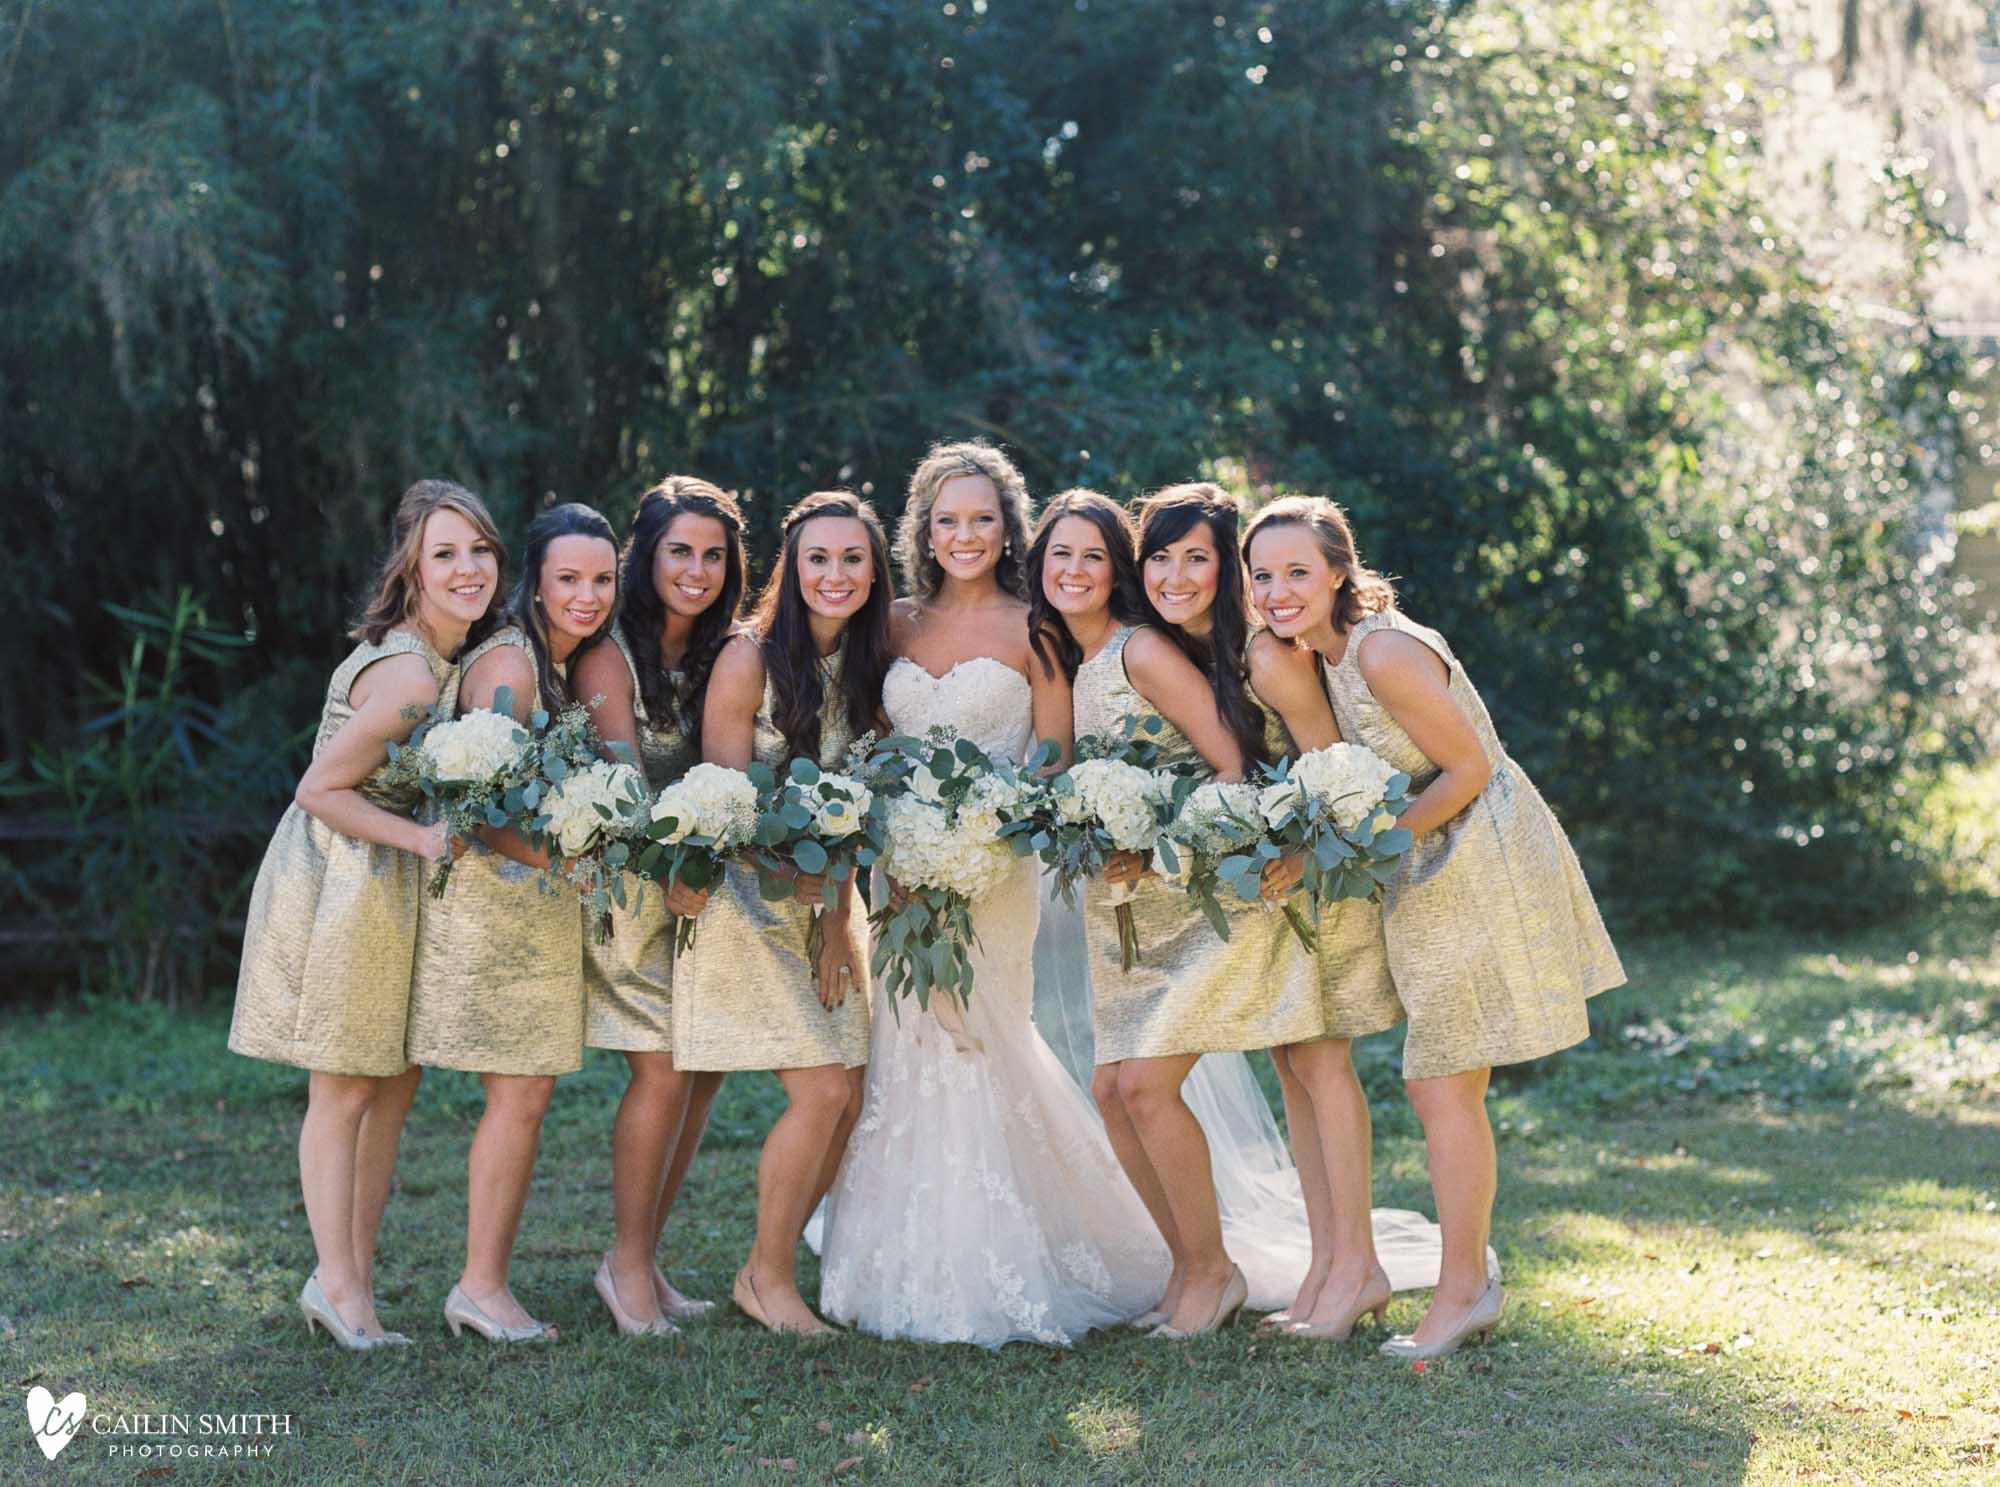 Leah_Major_St_Marys_Wedding_Photography_040.jpg